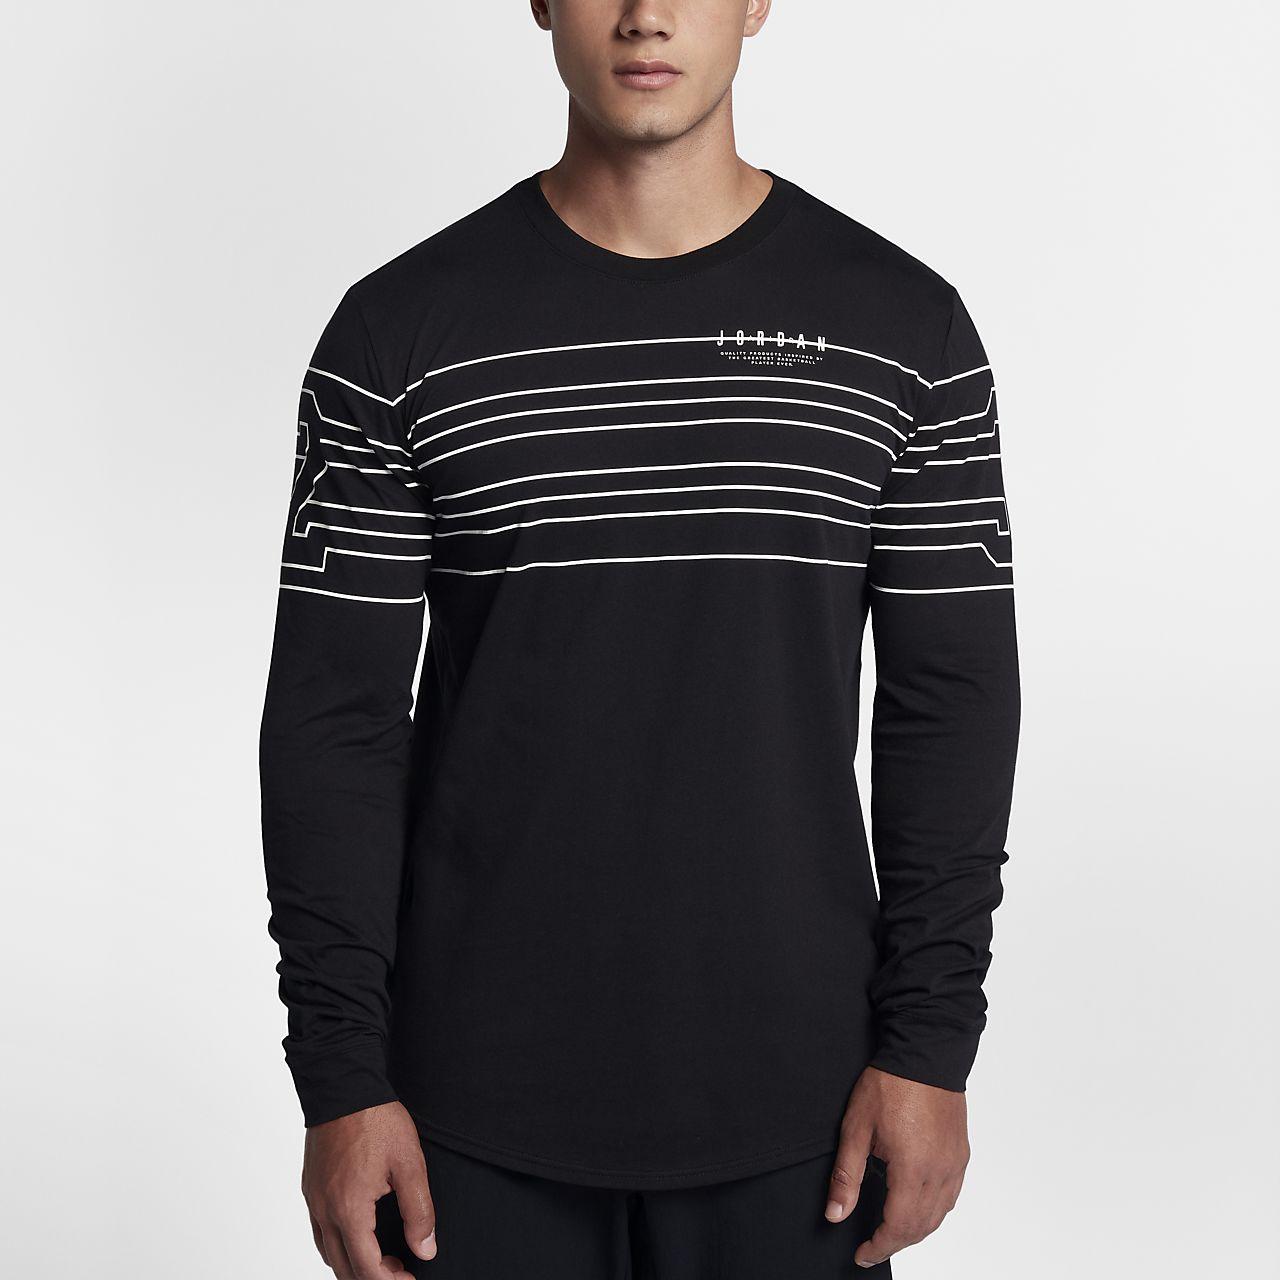 ... Jordan Sportswear 23 Lines Men's Long Sleeve T-Shirt